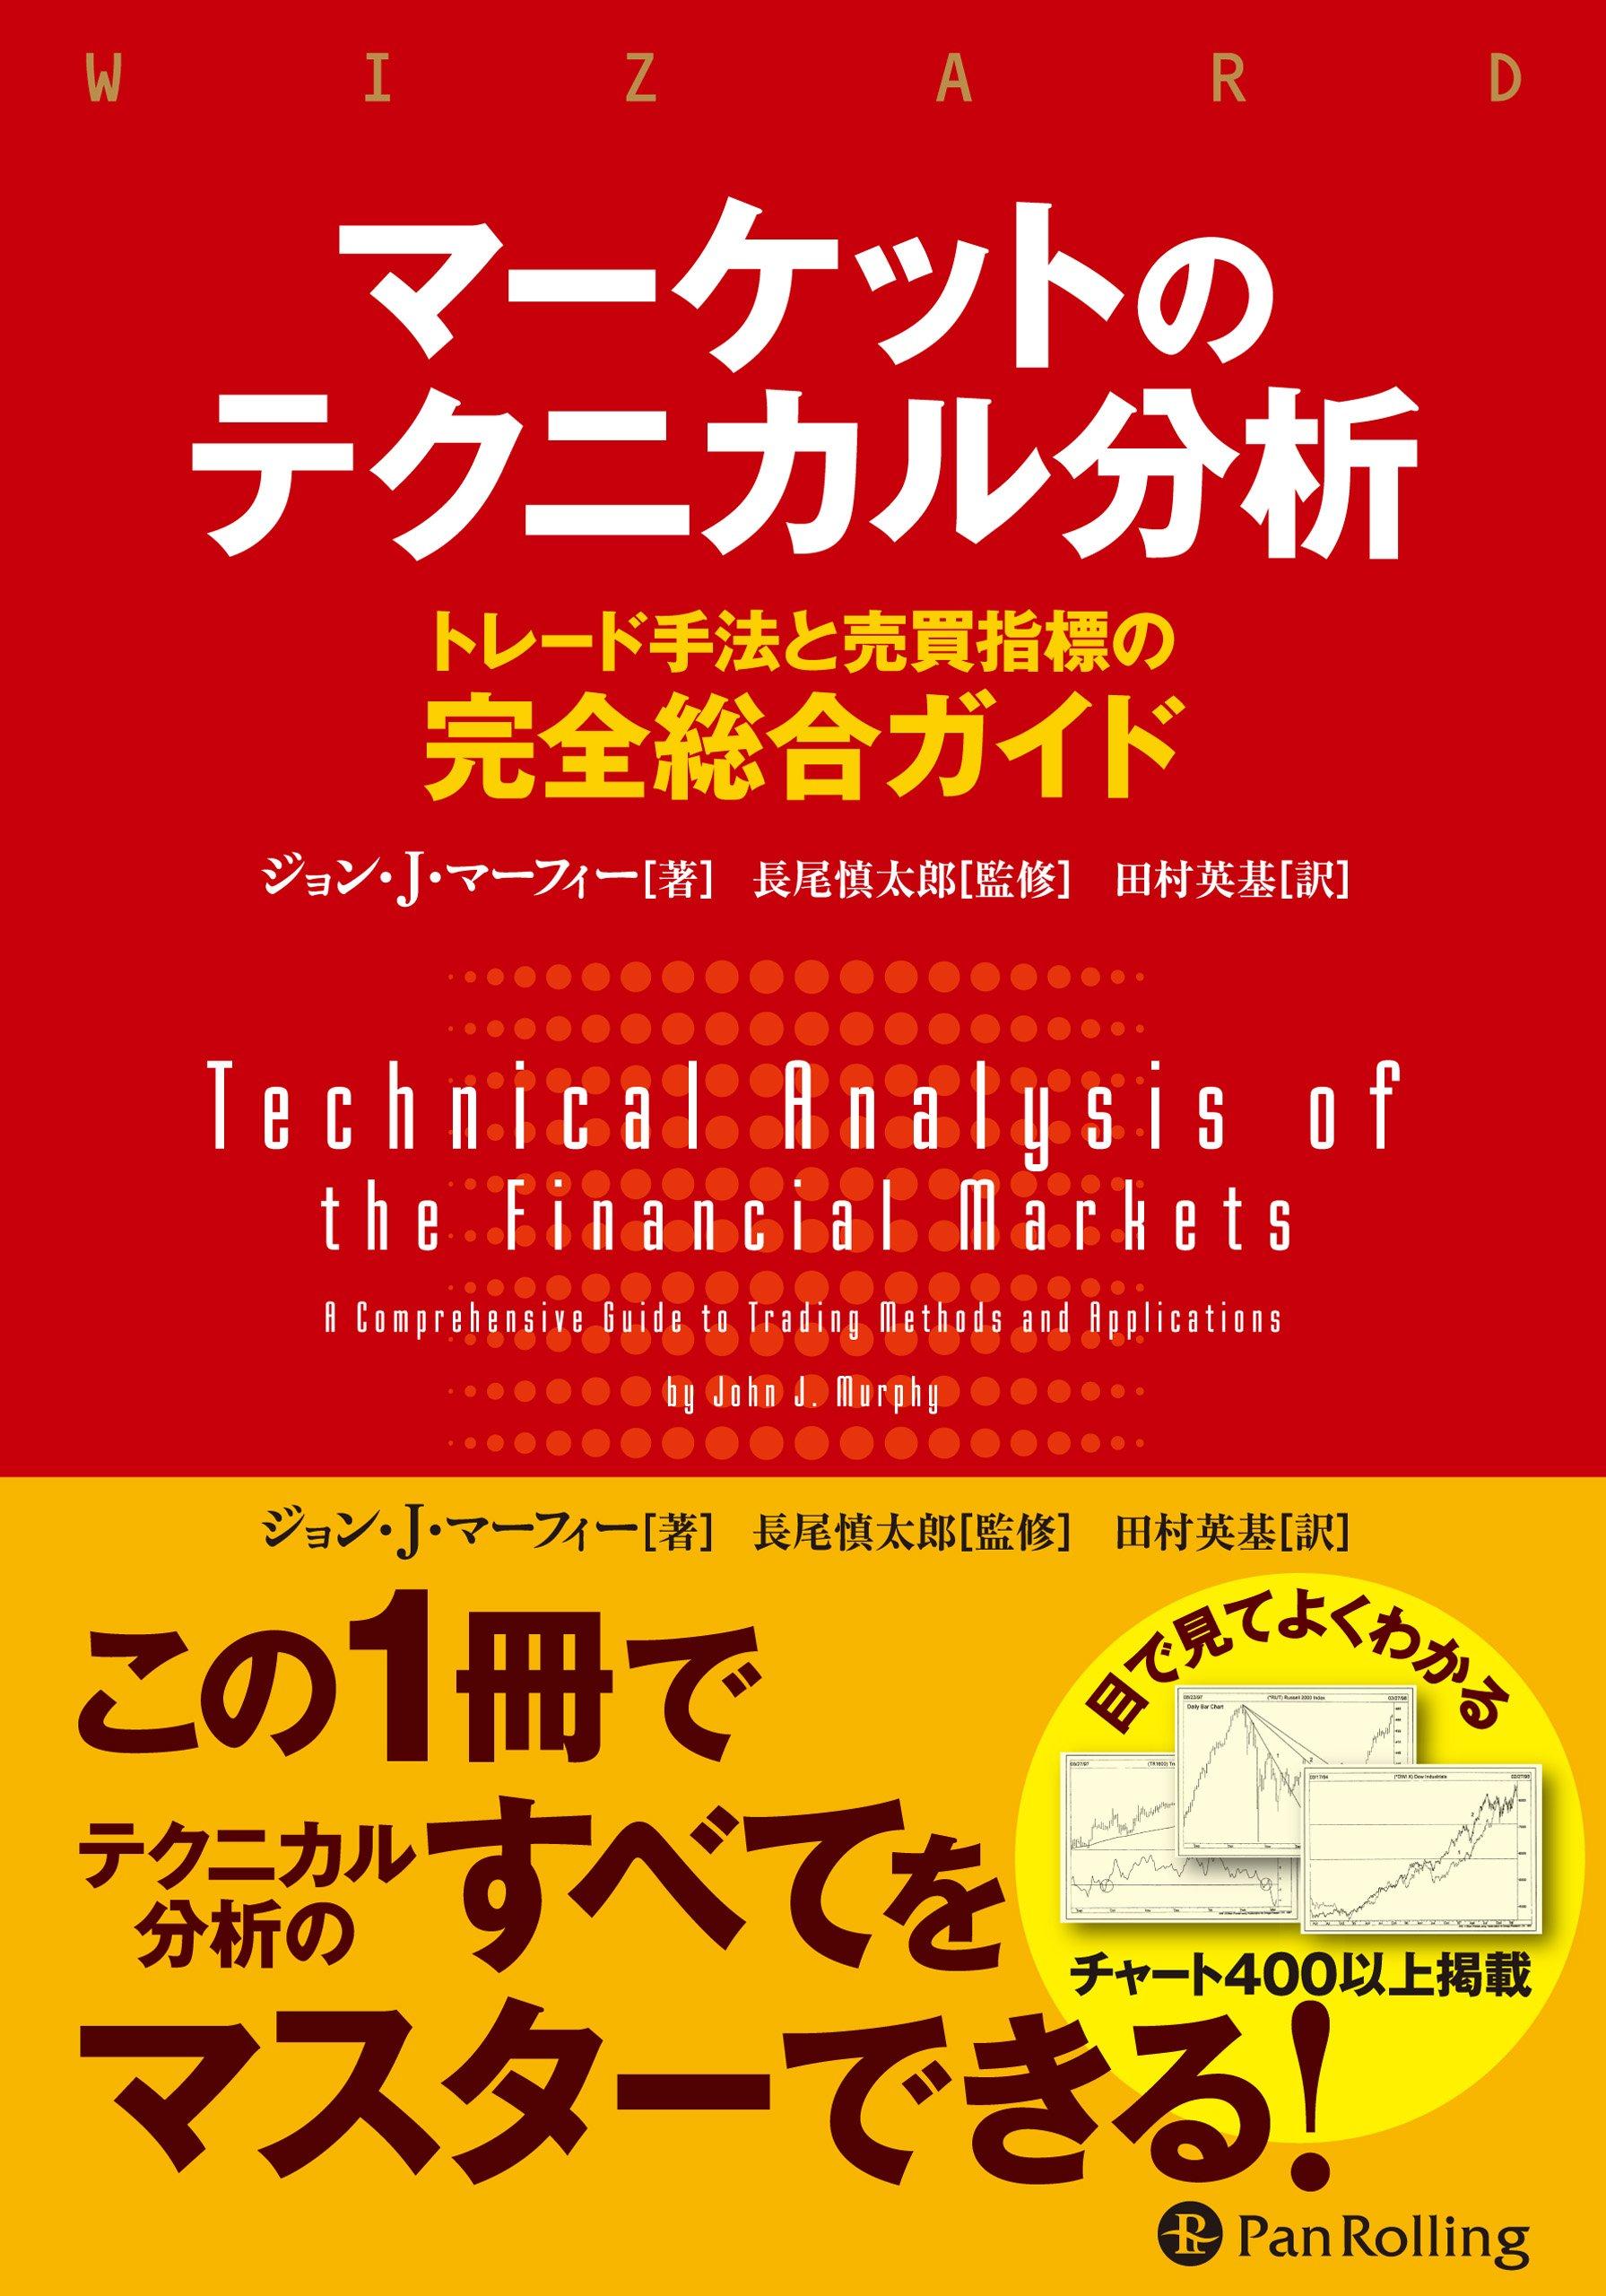 本_マーケットのテクニカル分析